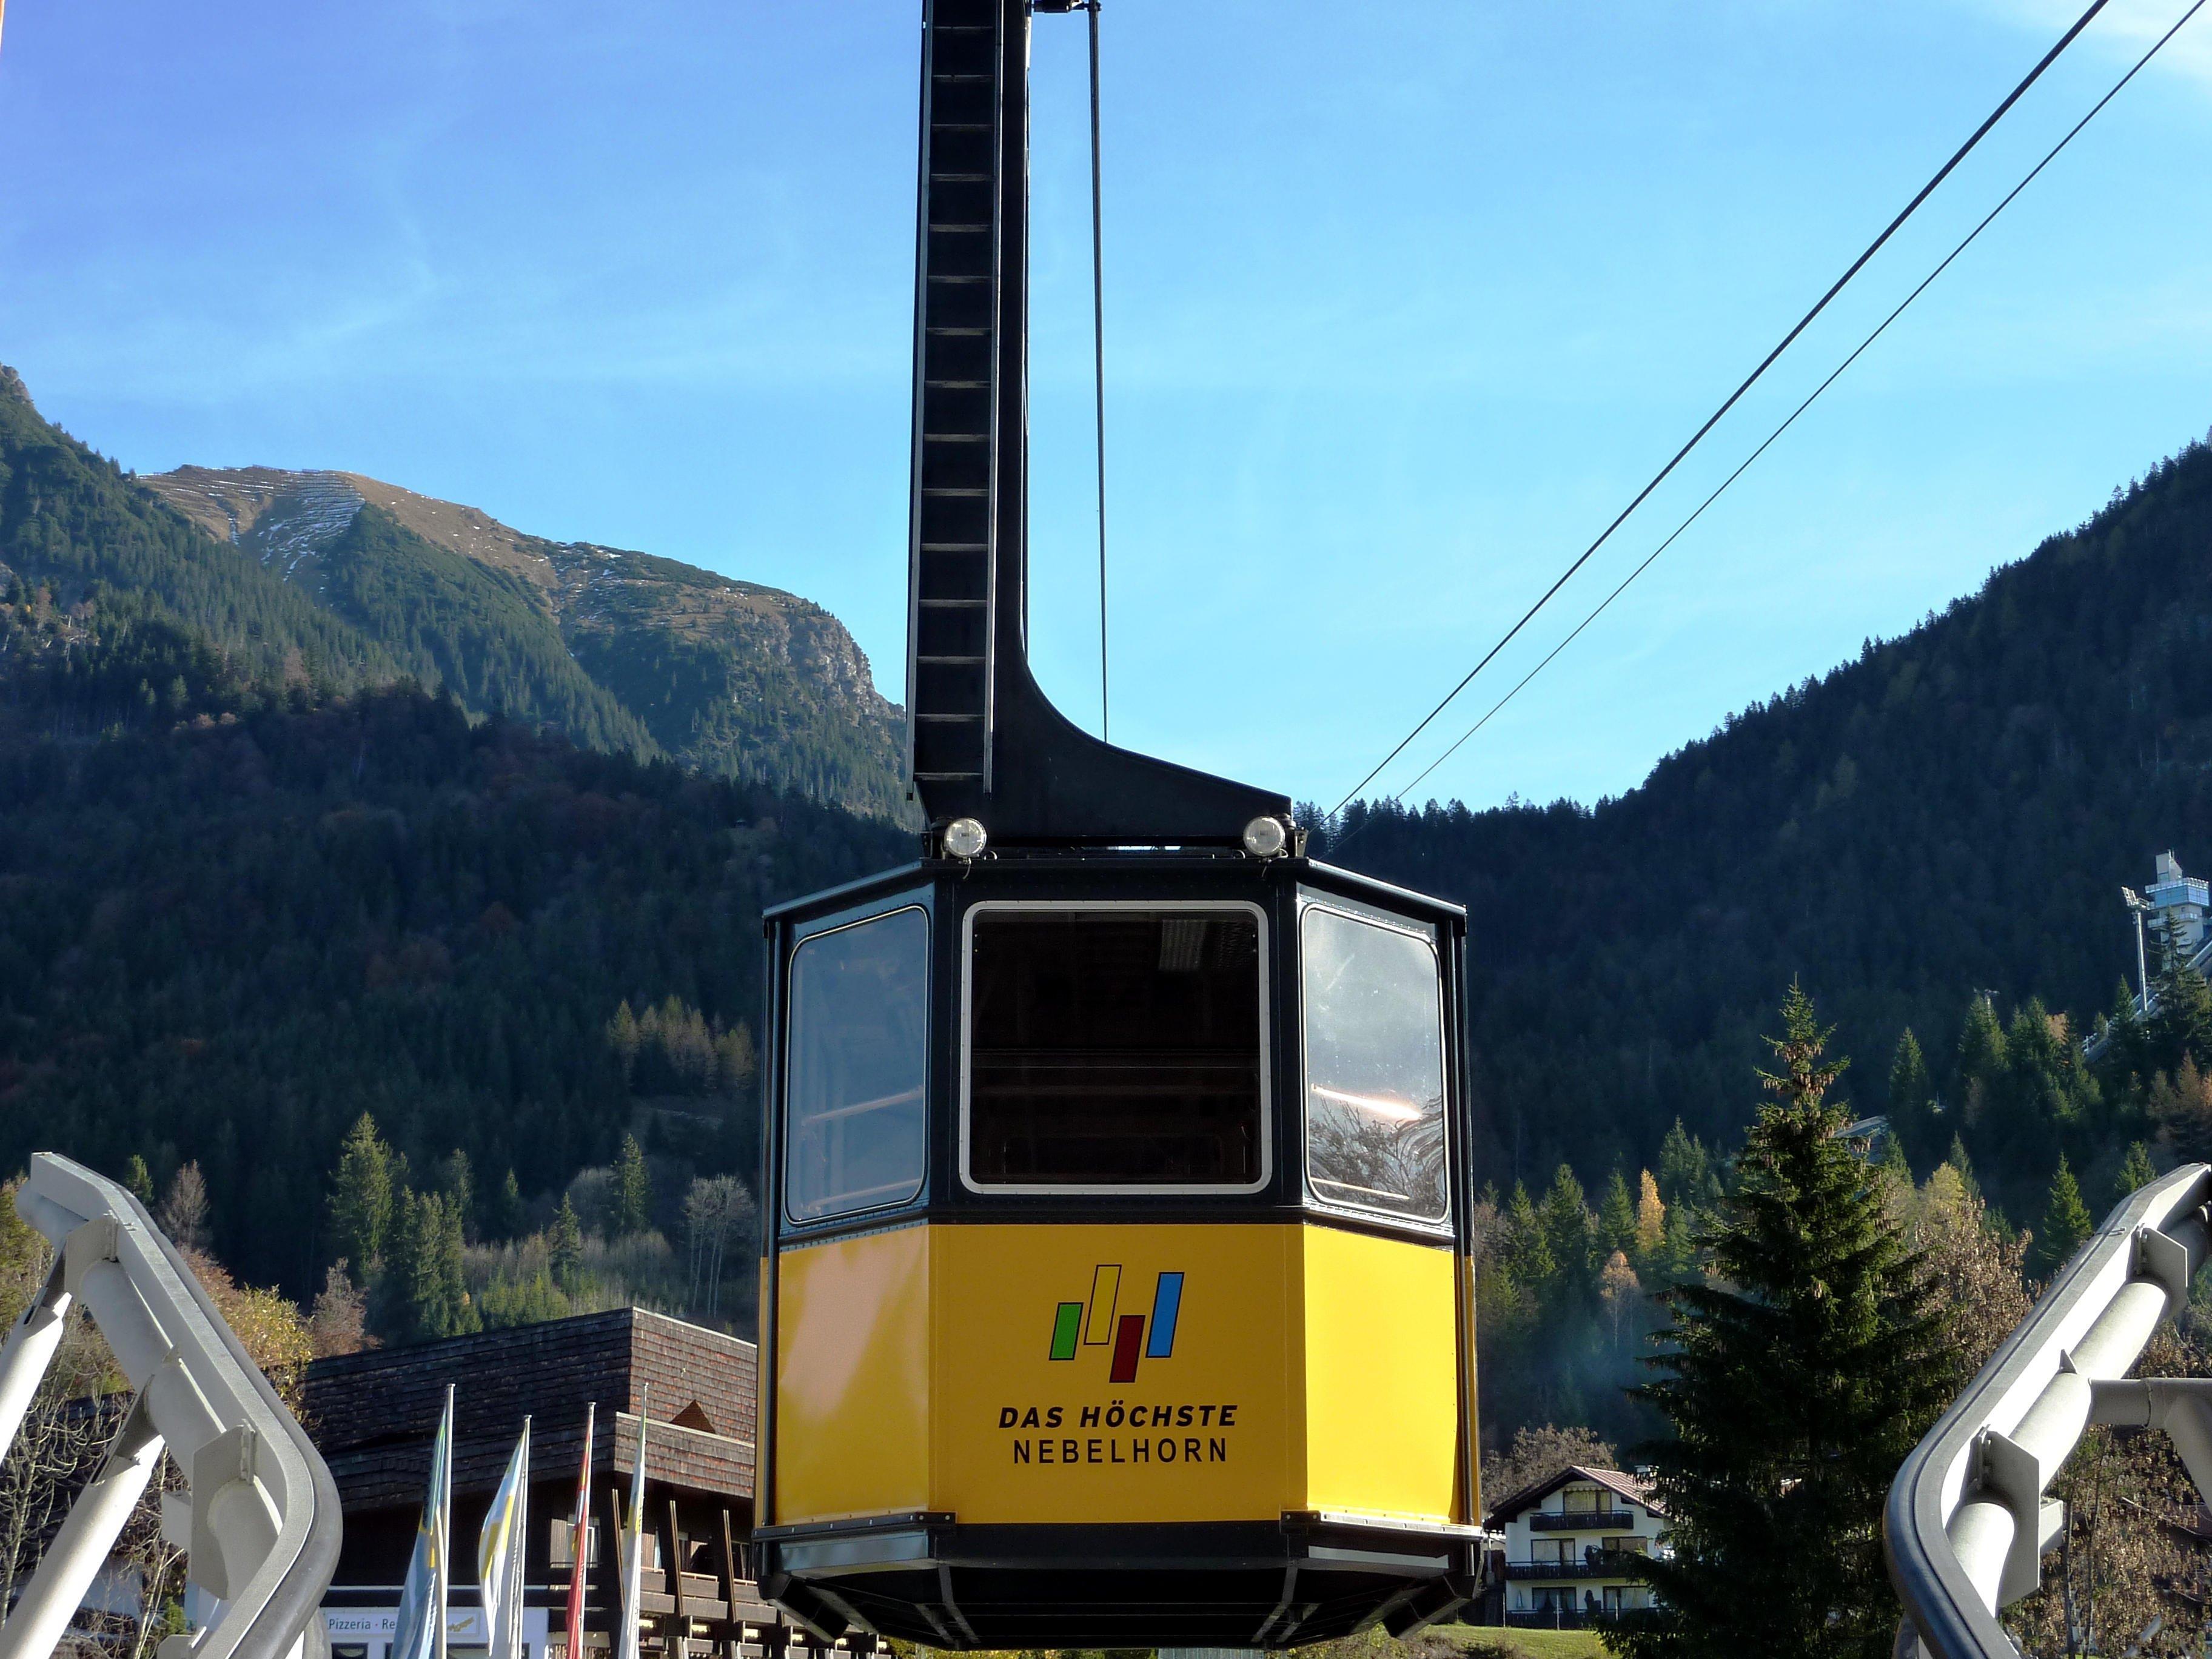 Die Nebelhornbahn geht am Freitag, 22.08.2016 gegen Mittag wieder in Betrieb.